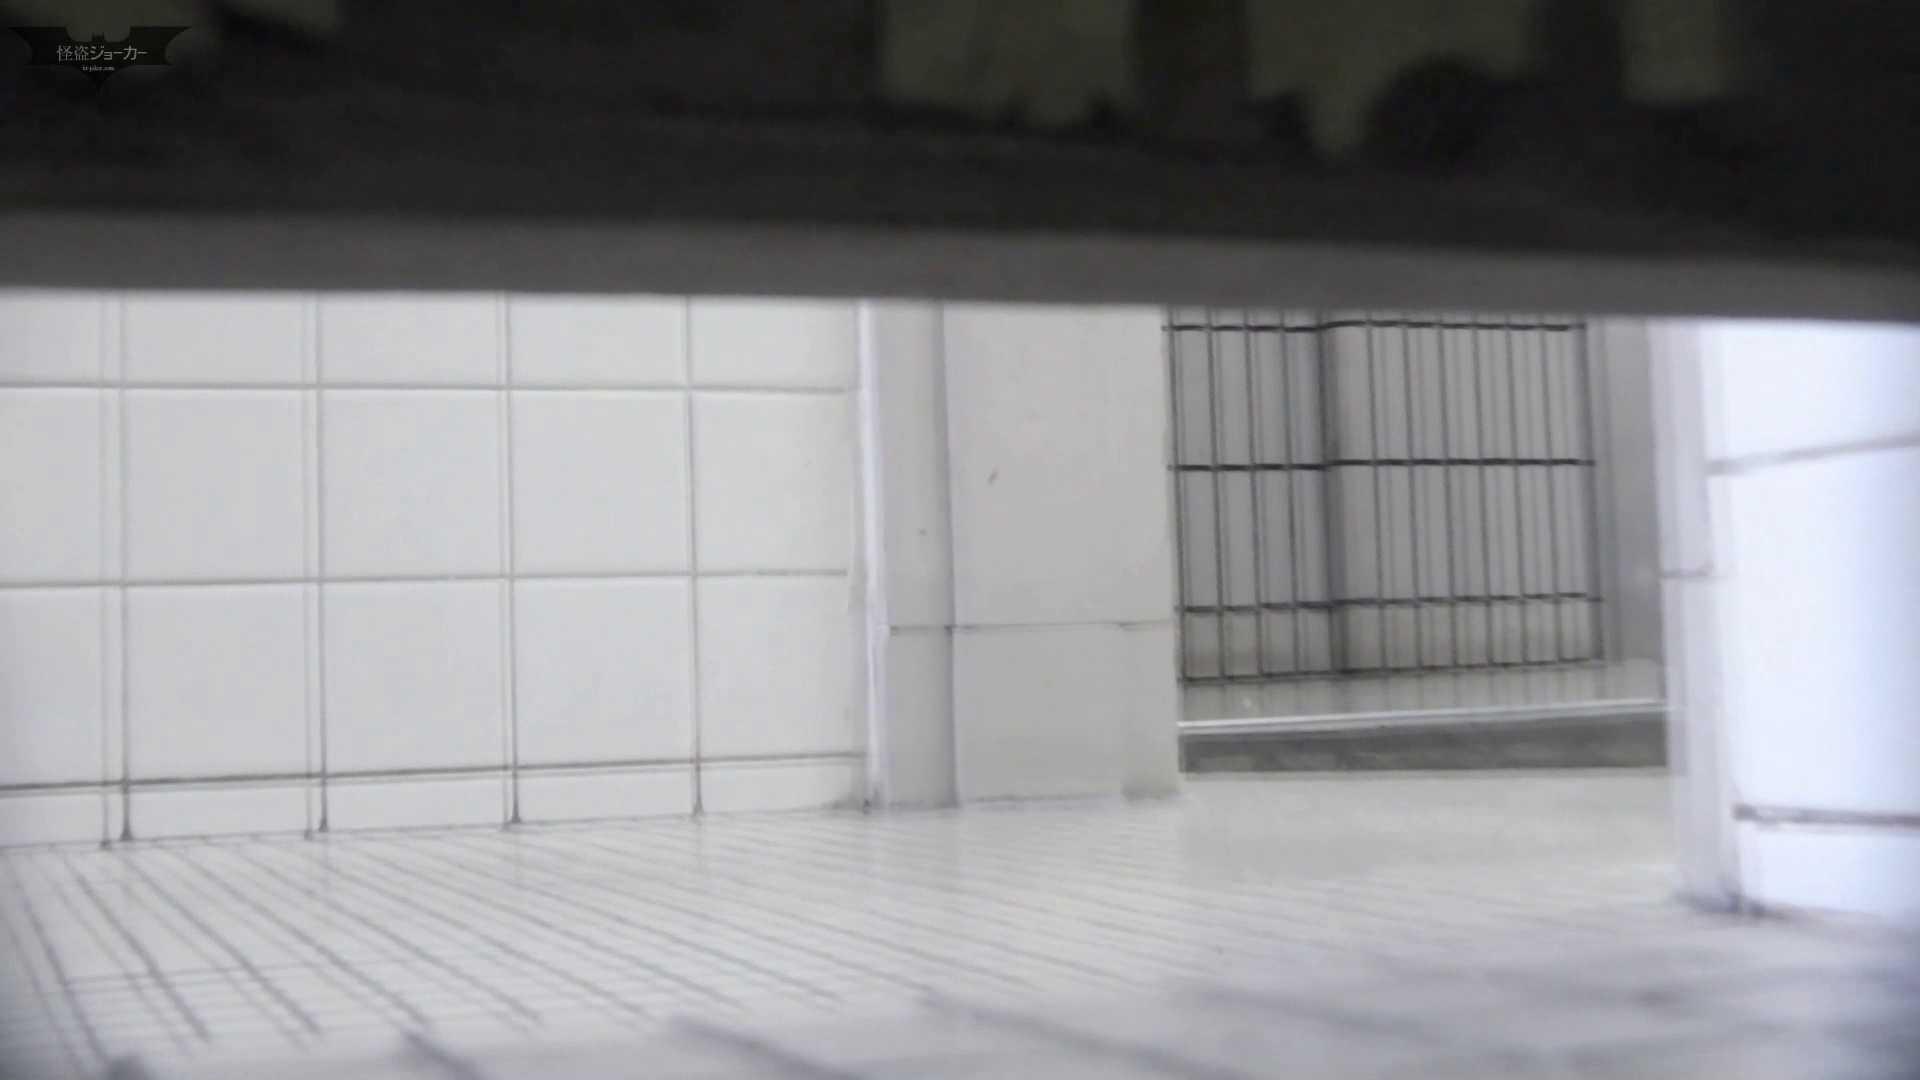 洗面所特攻隊 vol.58驚異のしまり、【2015・25位】 洗面所  113pic 6